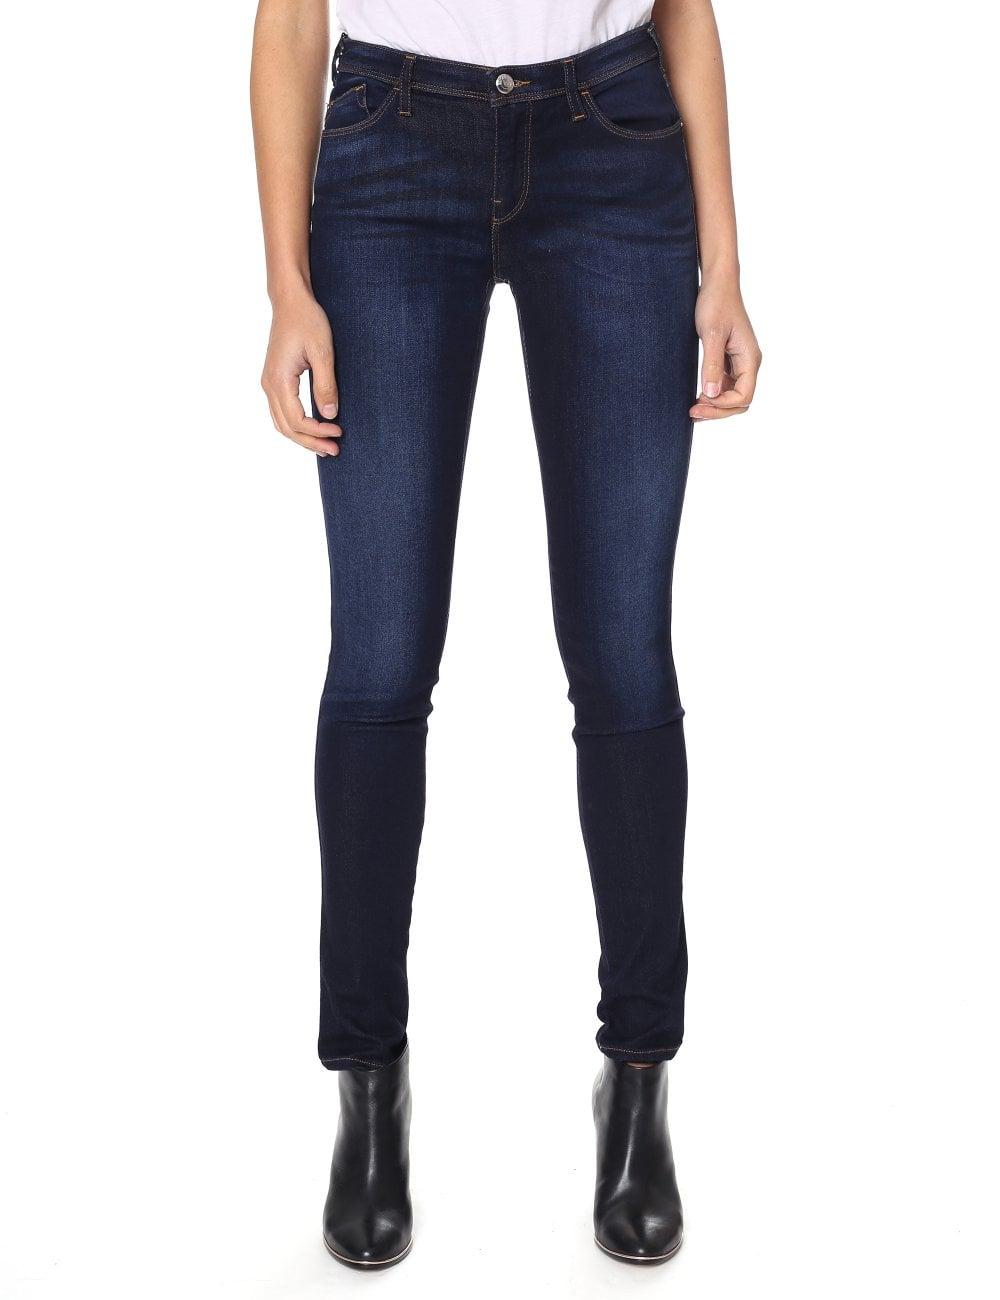 e3603744 EMPORIO ARMANI JEANS Women's J28 Super Skinny Jeans